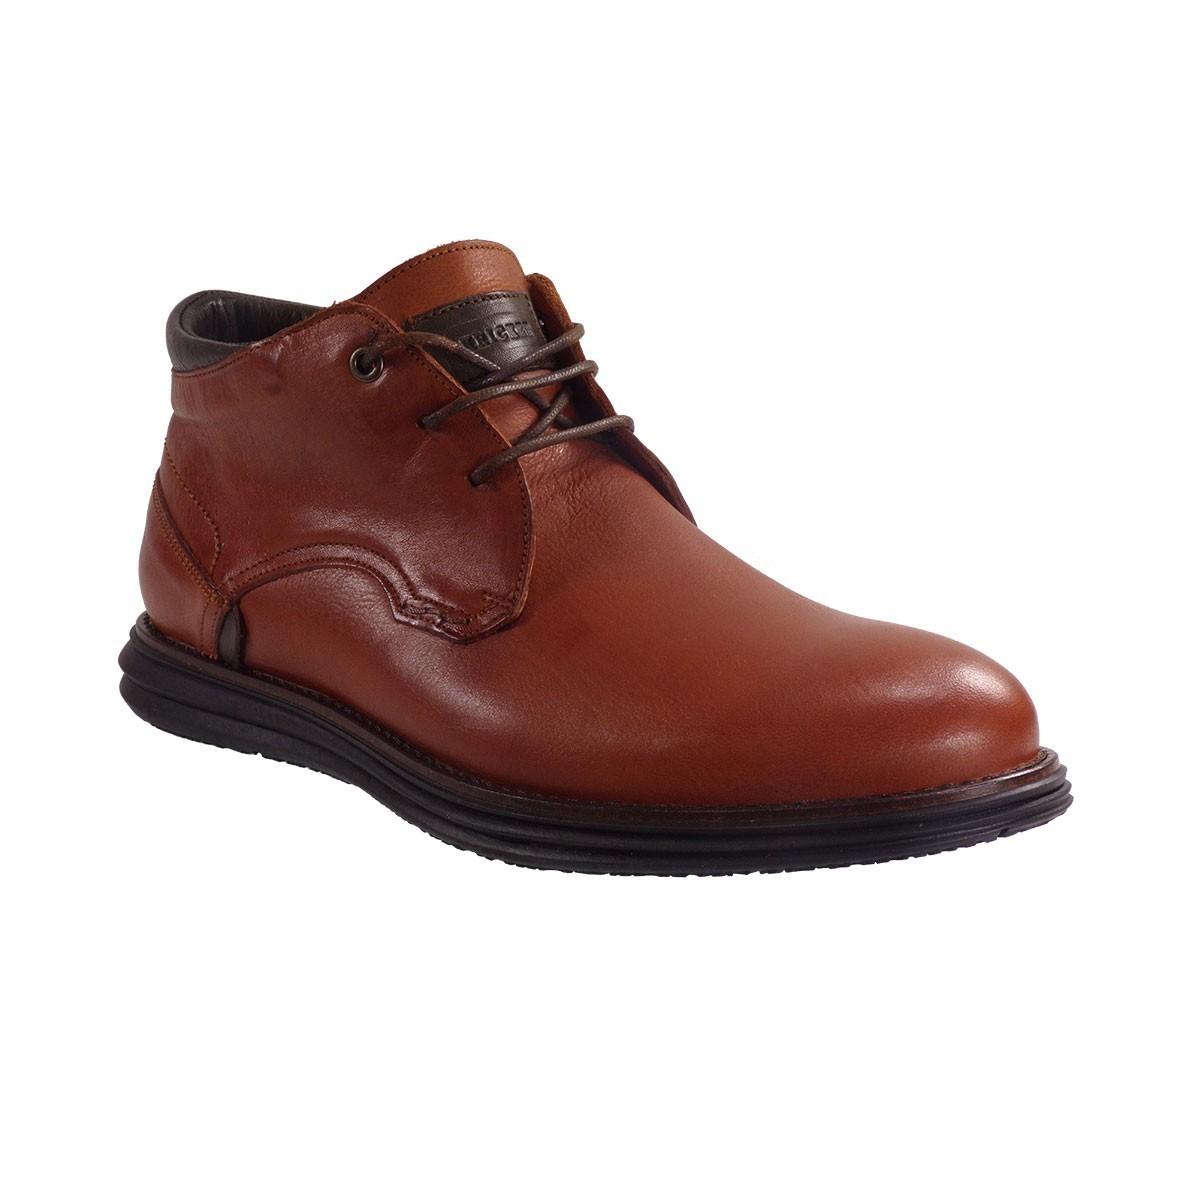 Kricket Shoes Ανδρικά Μποτάκια 1011 Ταμπά Δέρμα